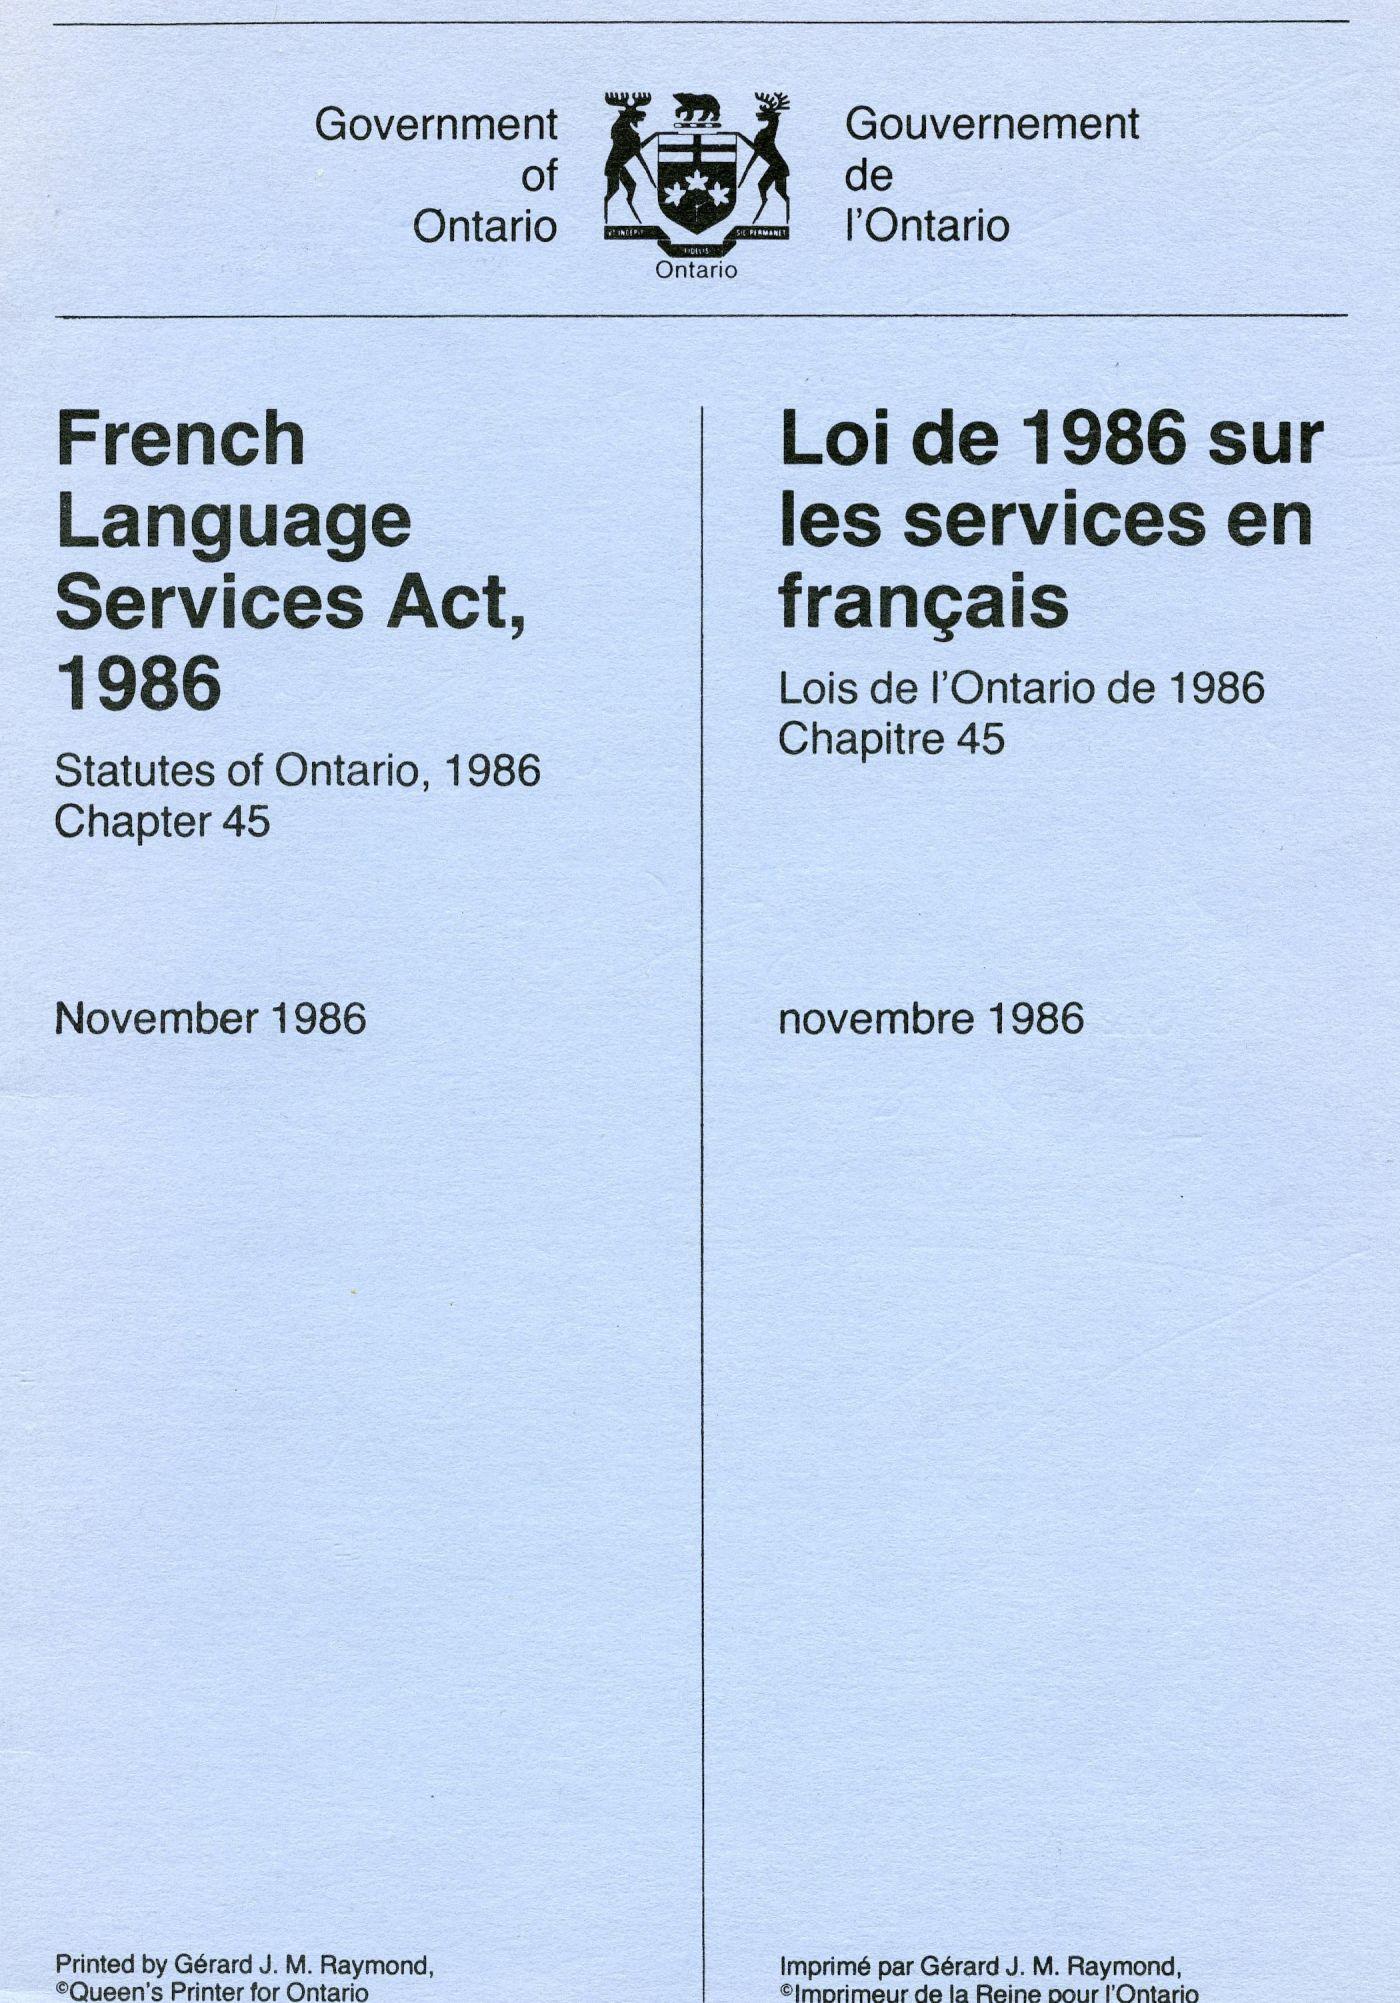 Document imprimé. Les armoiries de l'Ontario figurent en haut de la page couverture; au centre, un texte en anglais sur la colonne de gauche et un texte en français sur celle de droite. Le titre de la loi apparaît en gras. La page trois du document contient un texte en français. Le numéro du chapitre figure en lettre majuscules et son titre, en gras. Le texte de la loi se trouve à gauche, avec des annotations en plus petits caractères à droite.